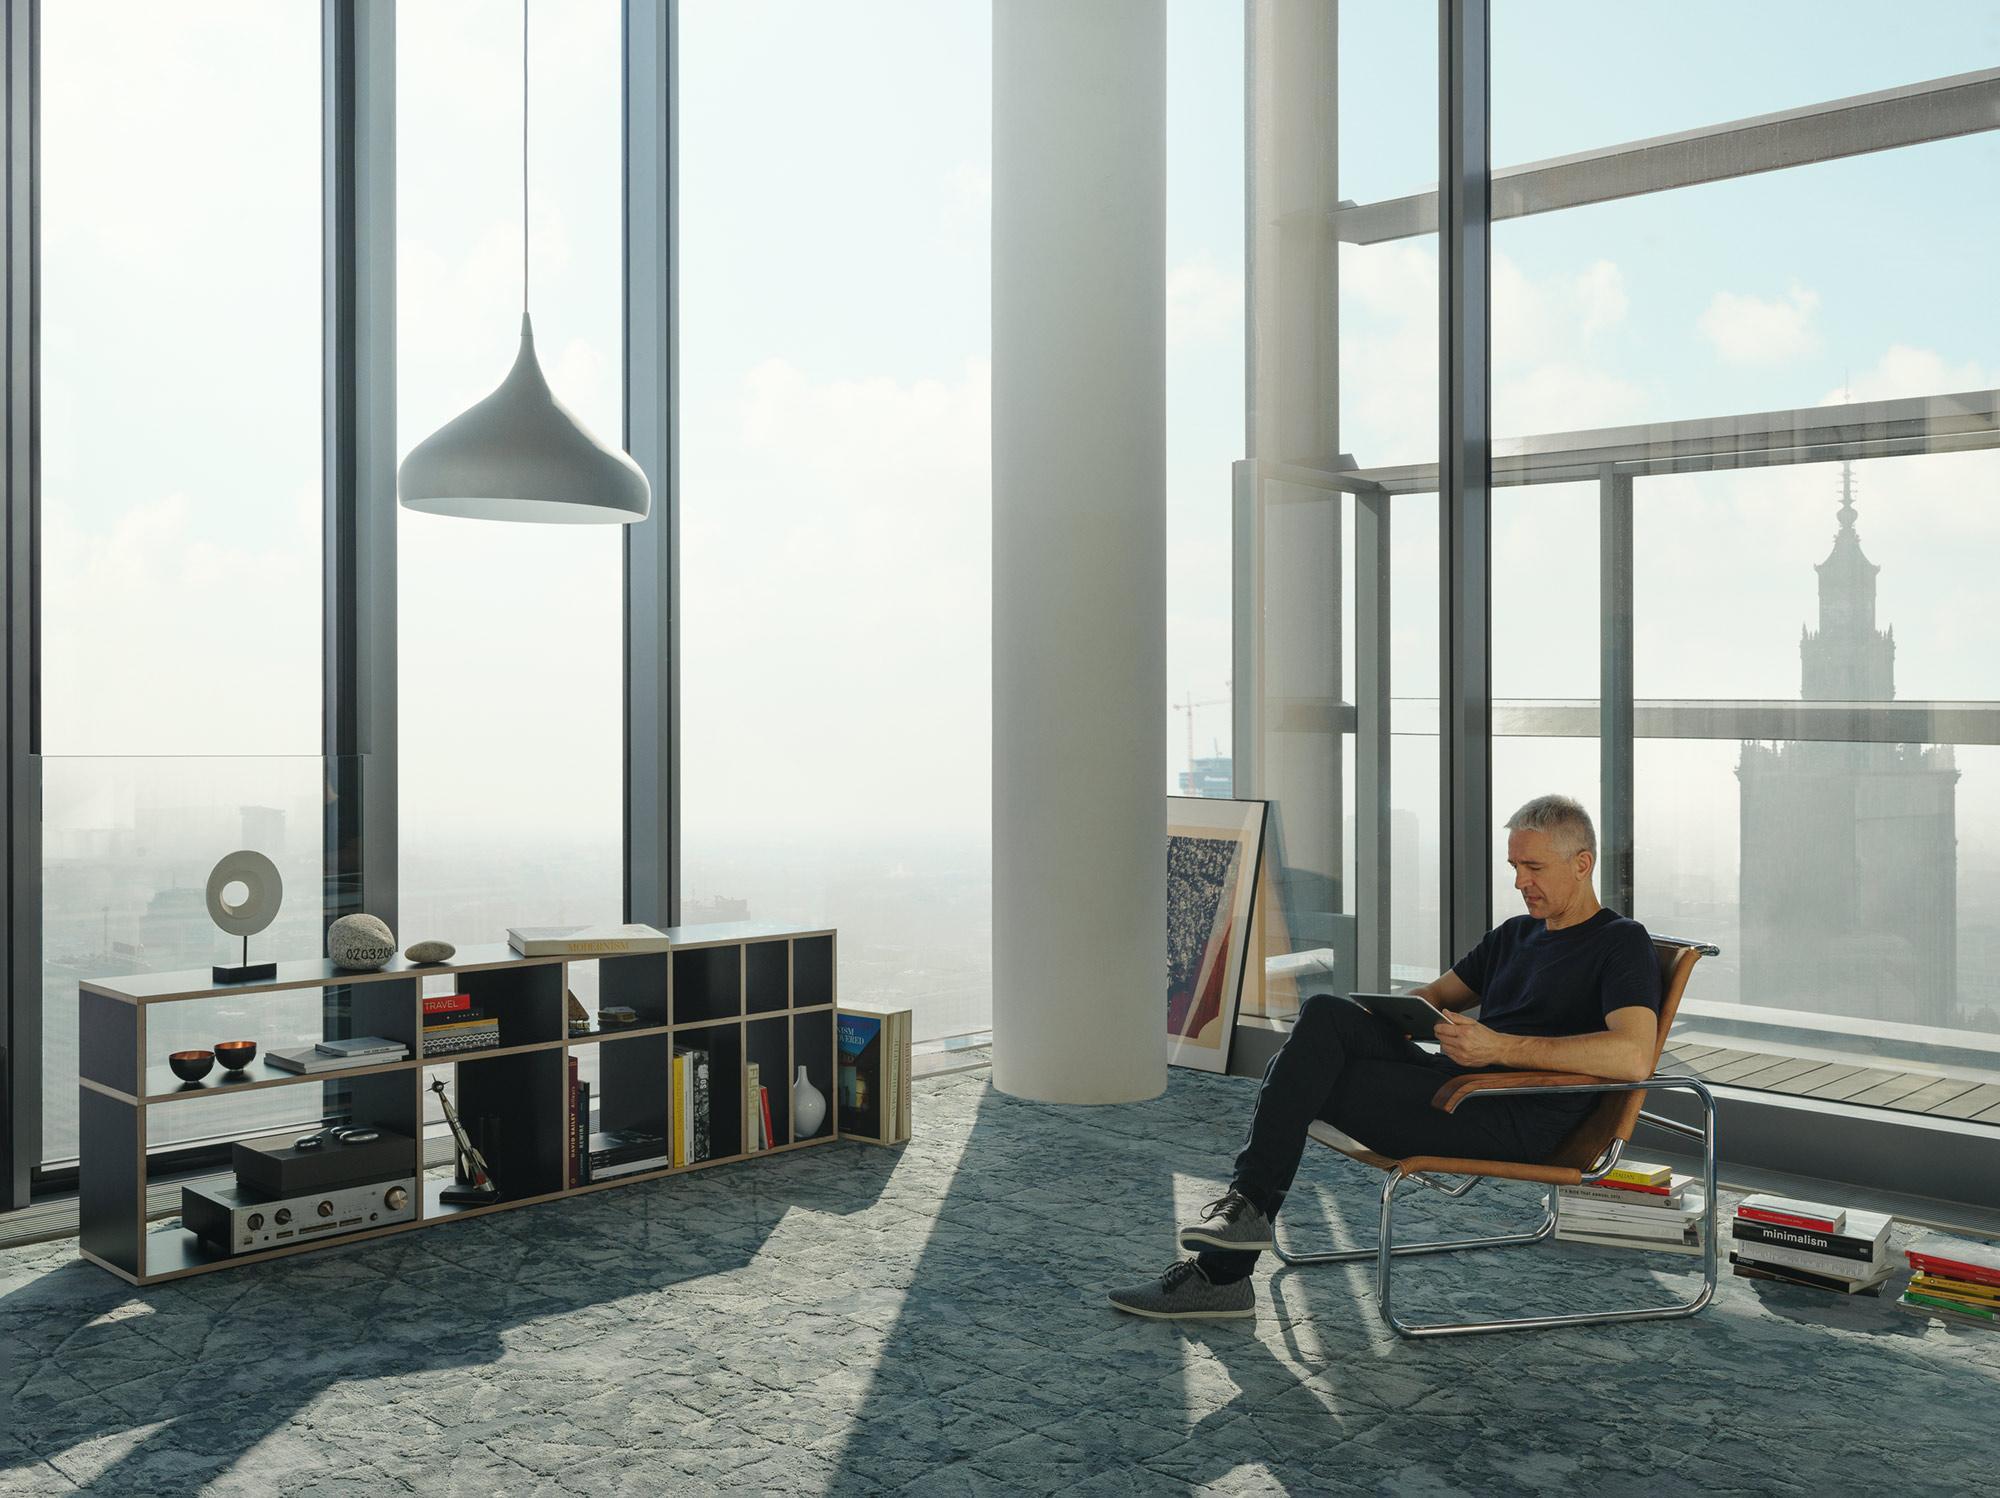 wohnzimmerregal • bilder & ideen • couchstyle, Wohnzimmer